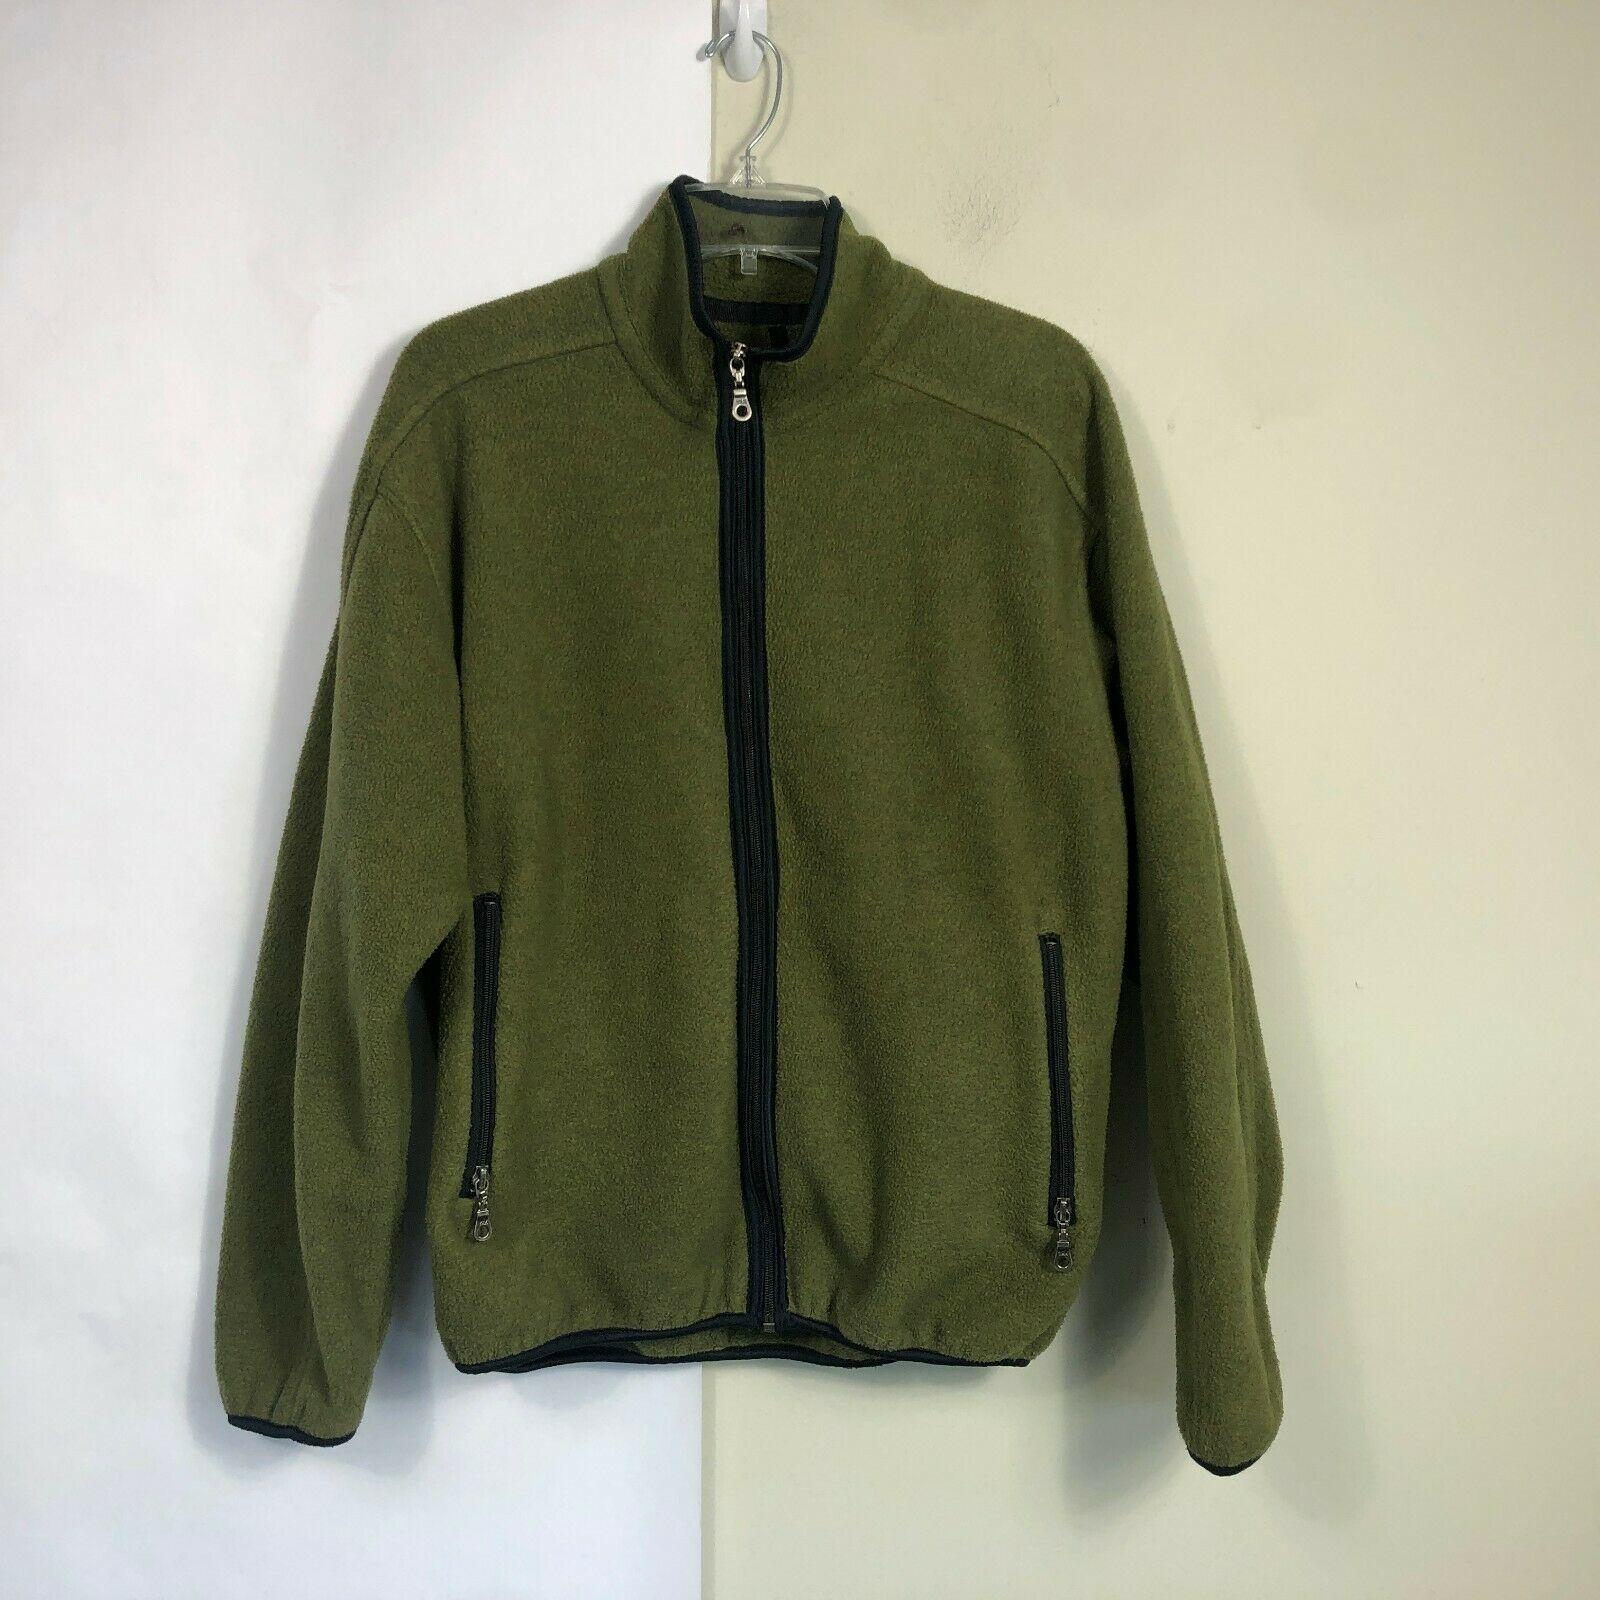 WoolRich Fleece Jacket Men's Medium Olive Green Full Zip Thick Fleece image 10